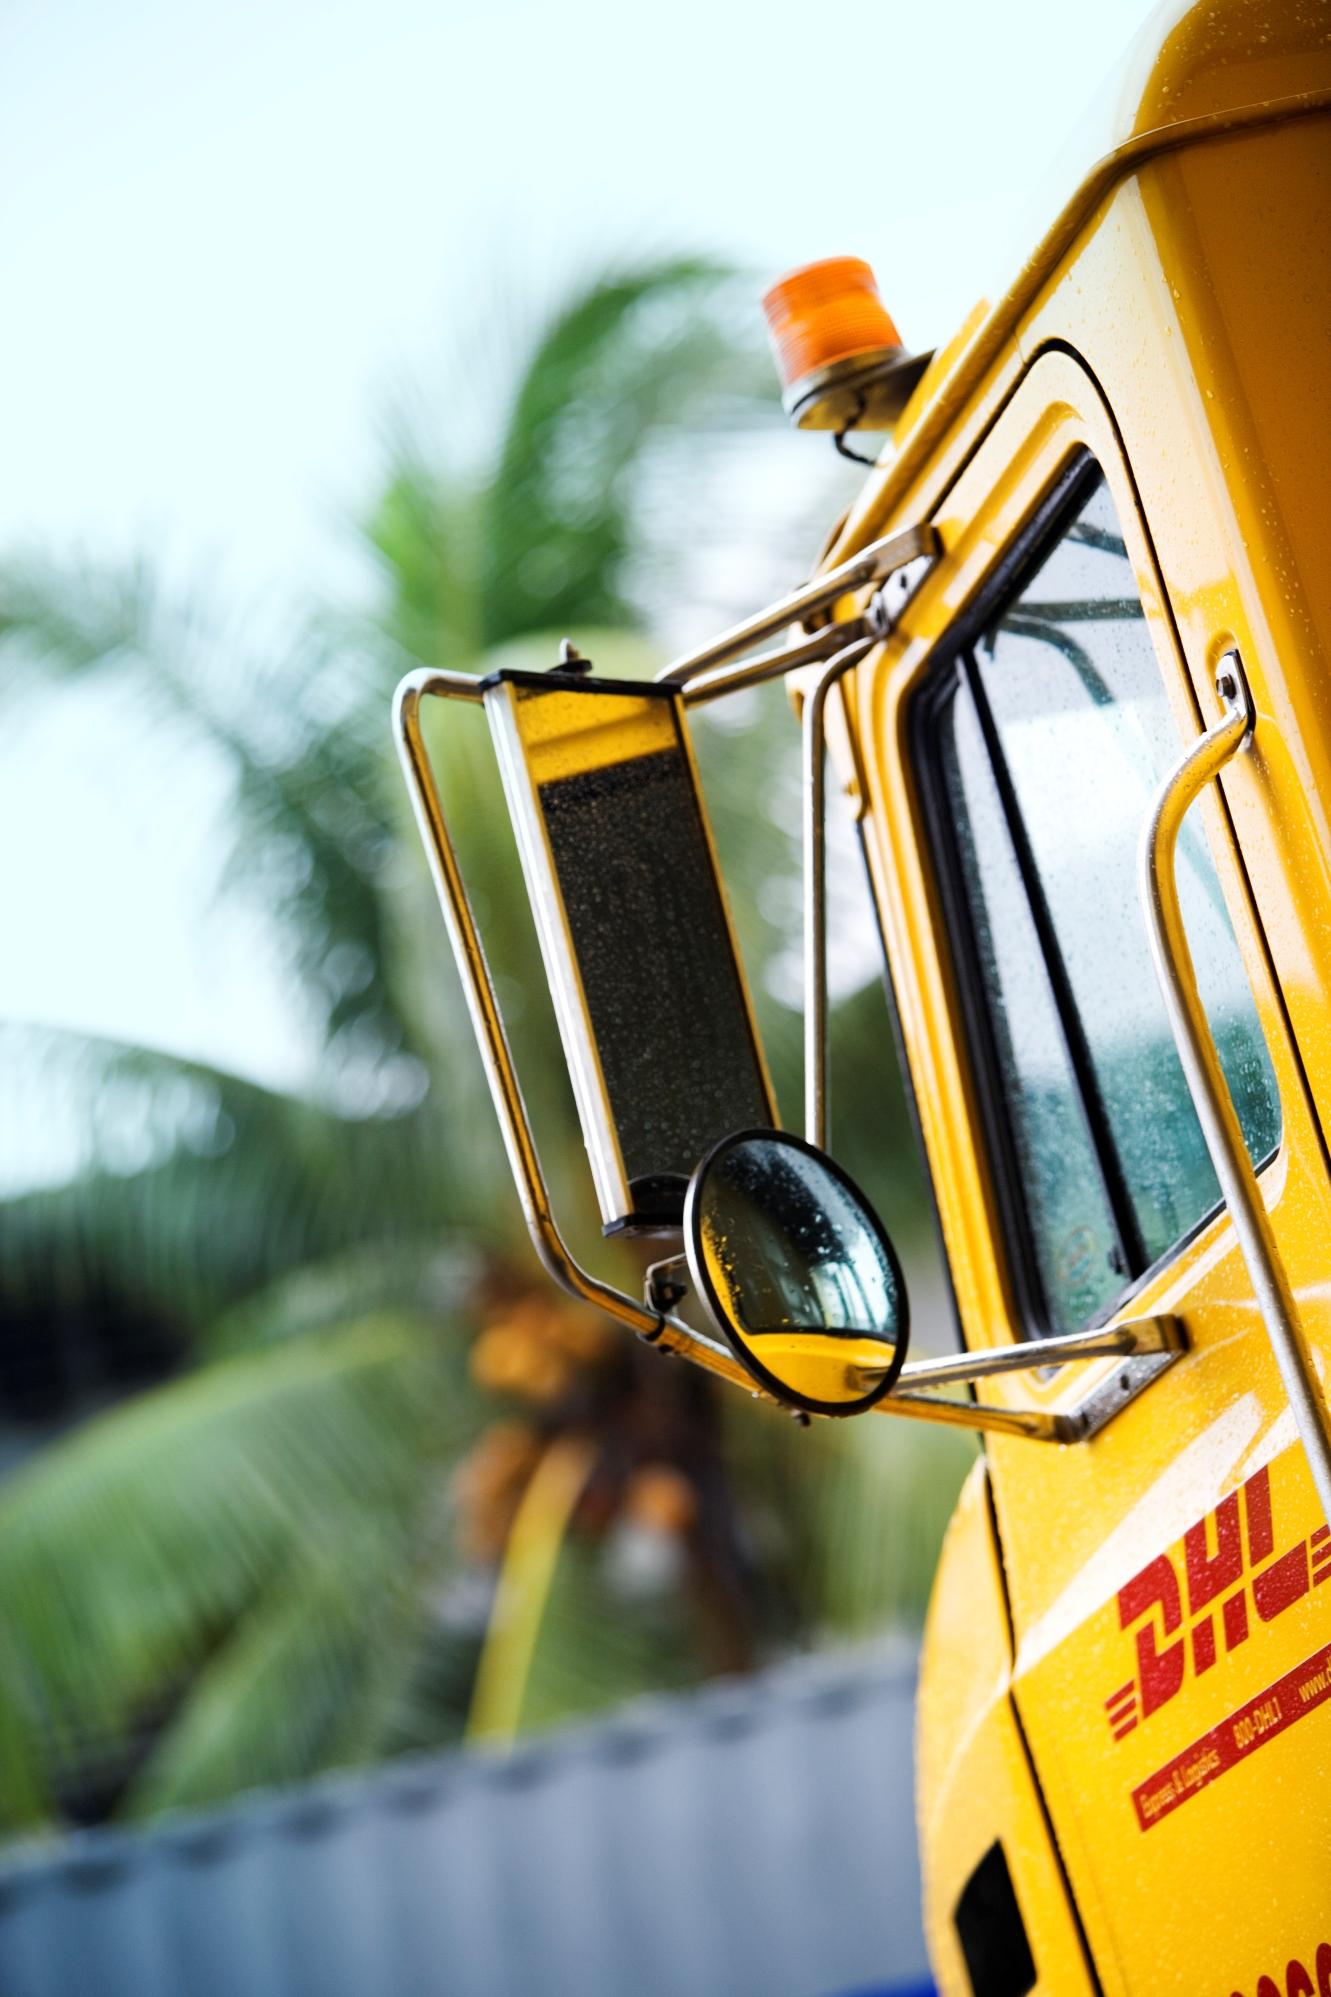 DHL là công ty dịch vụ chuỗi cung ứng tốt nhất